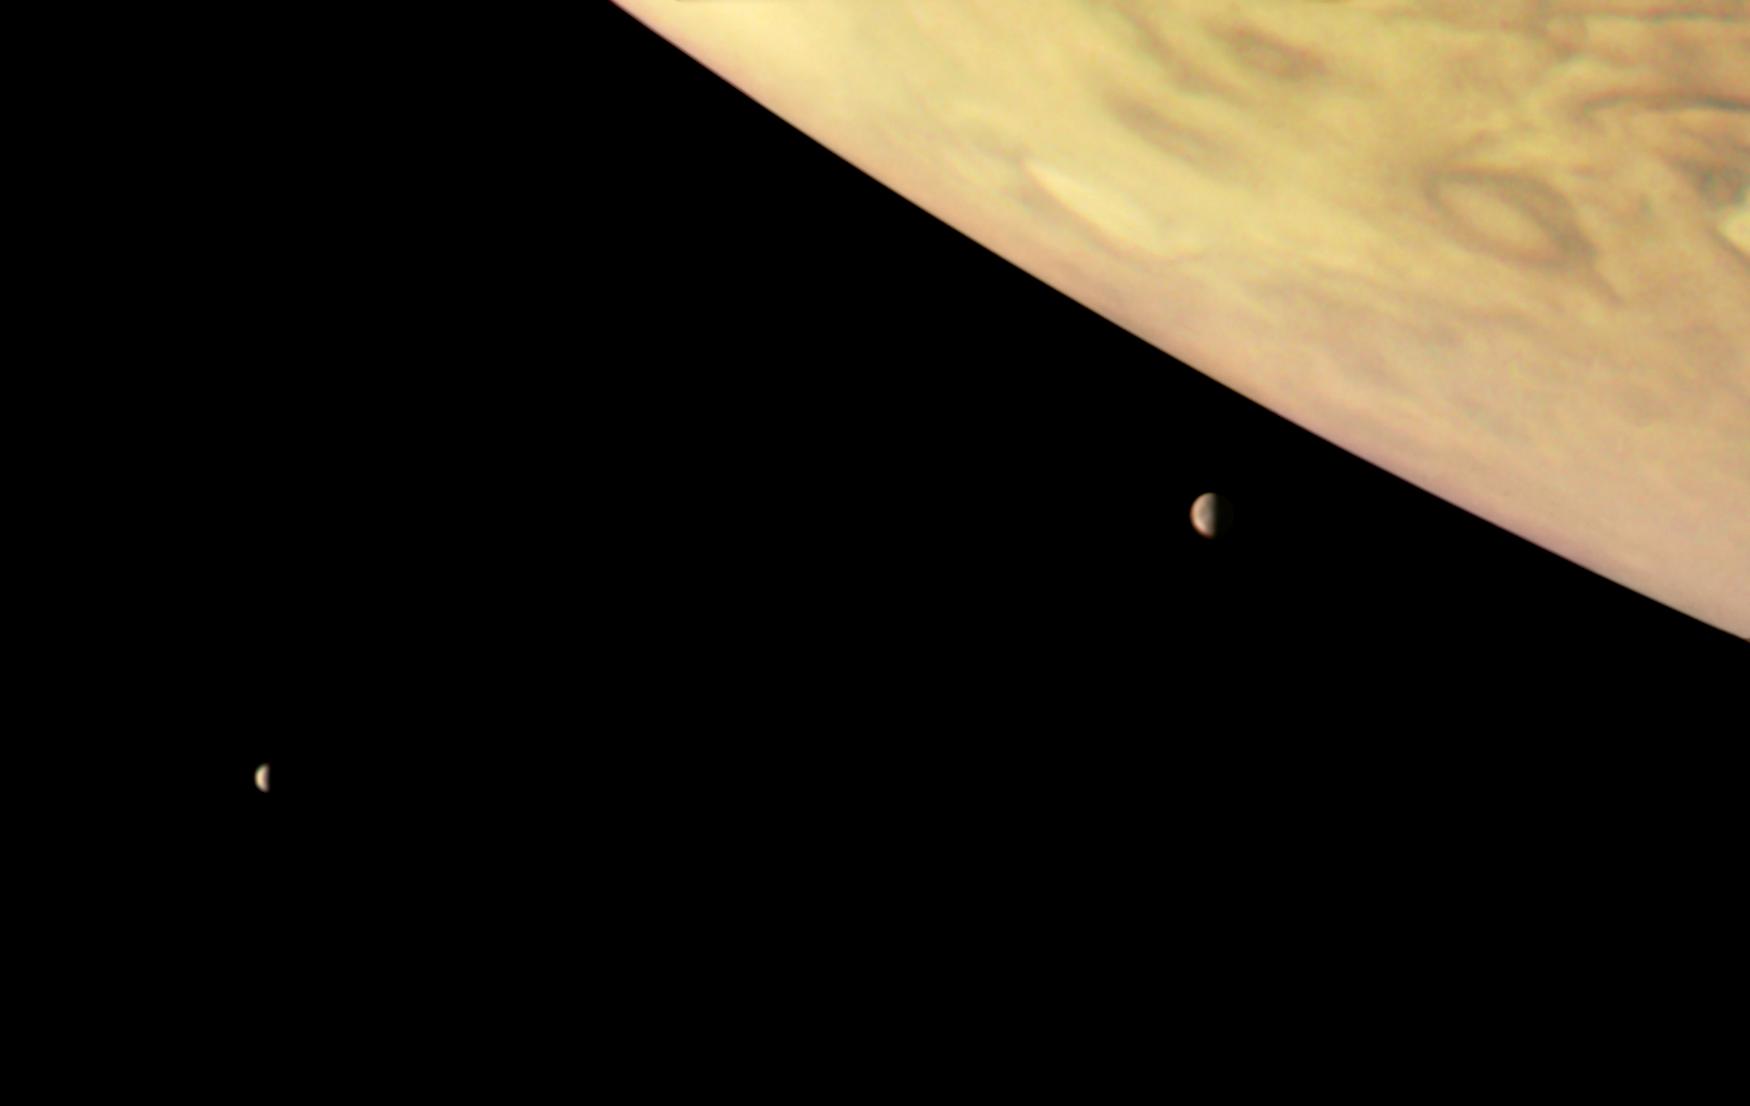 Ученые NASA опубликовали новые фотографии Юпитера иего спутников